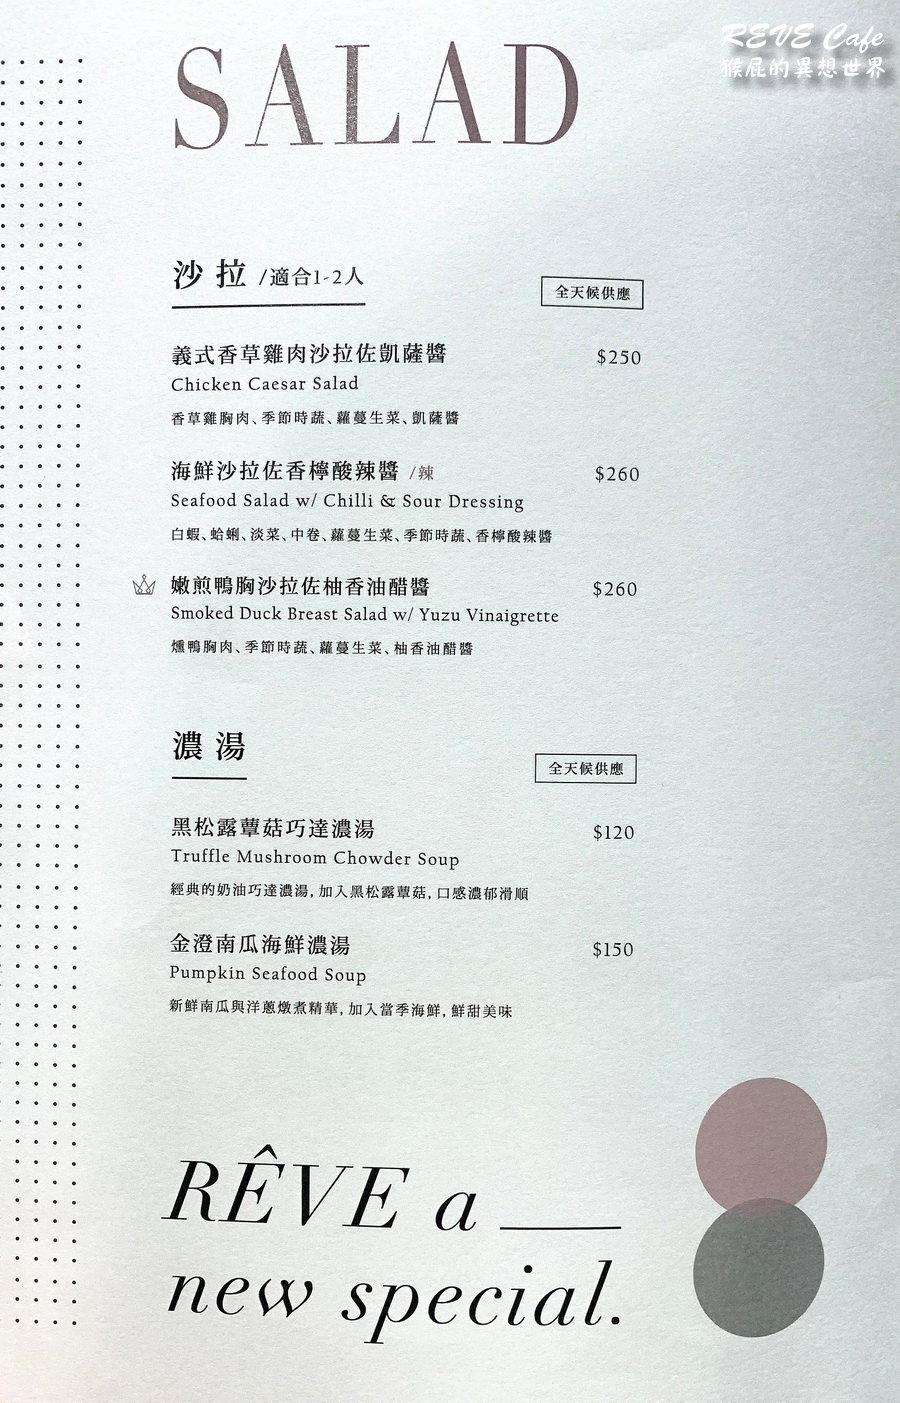 【台北美食】REVE Cafe黑浮咖啡信義ATT店新開幕!有義大利麵、鬆餅、燉飯、早午餐等!環境優、適合聚餐慶生!咖啡買一送一!(信義區美食、Att餐廳推薦) @猴屁的異想世界